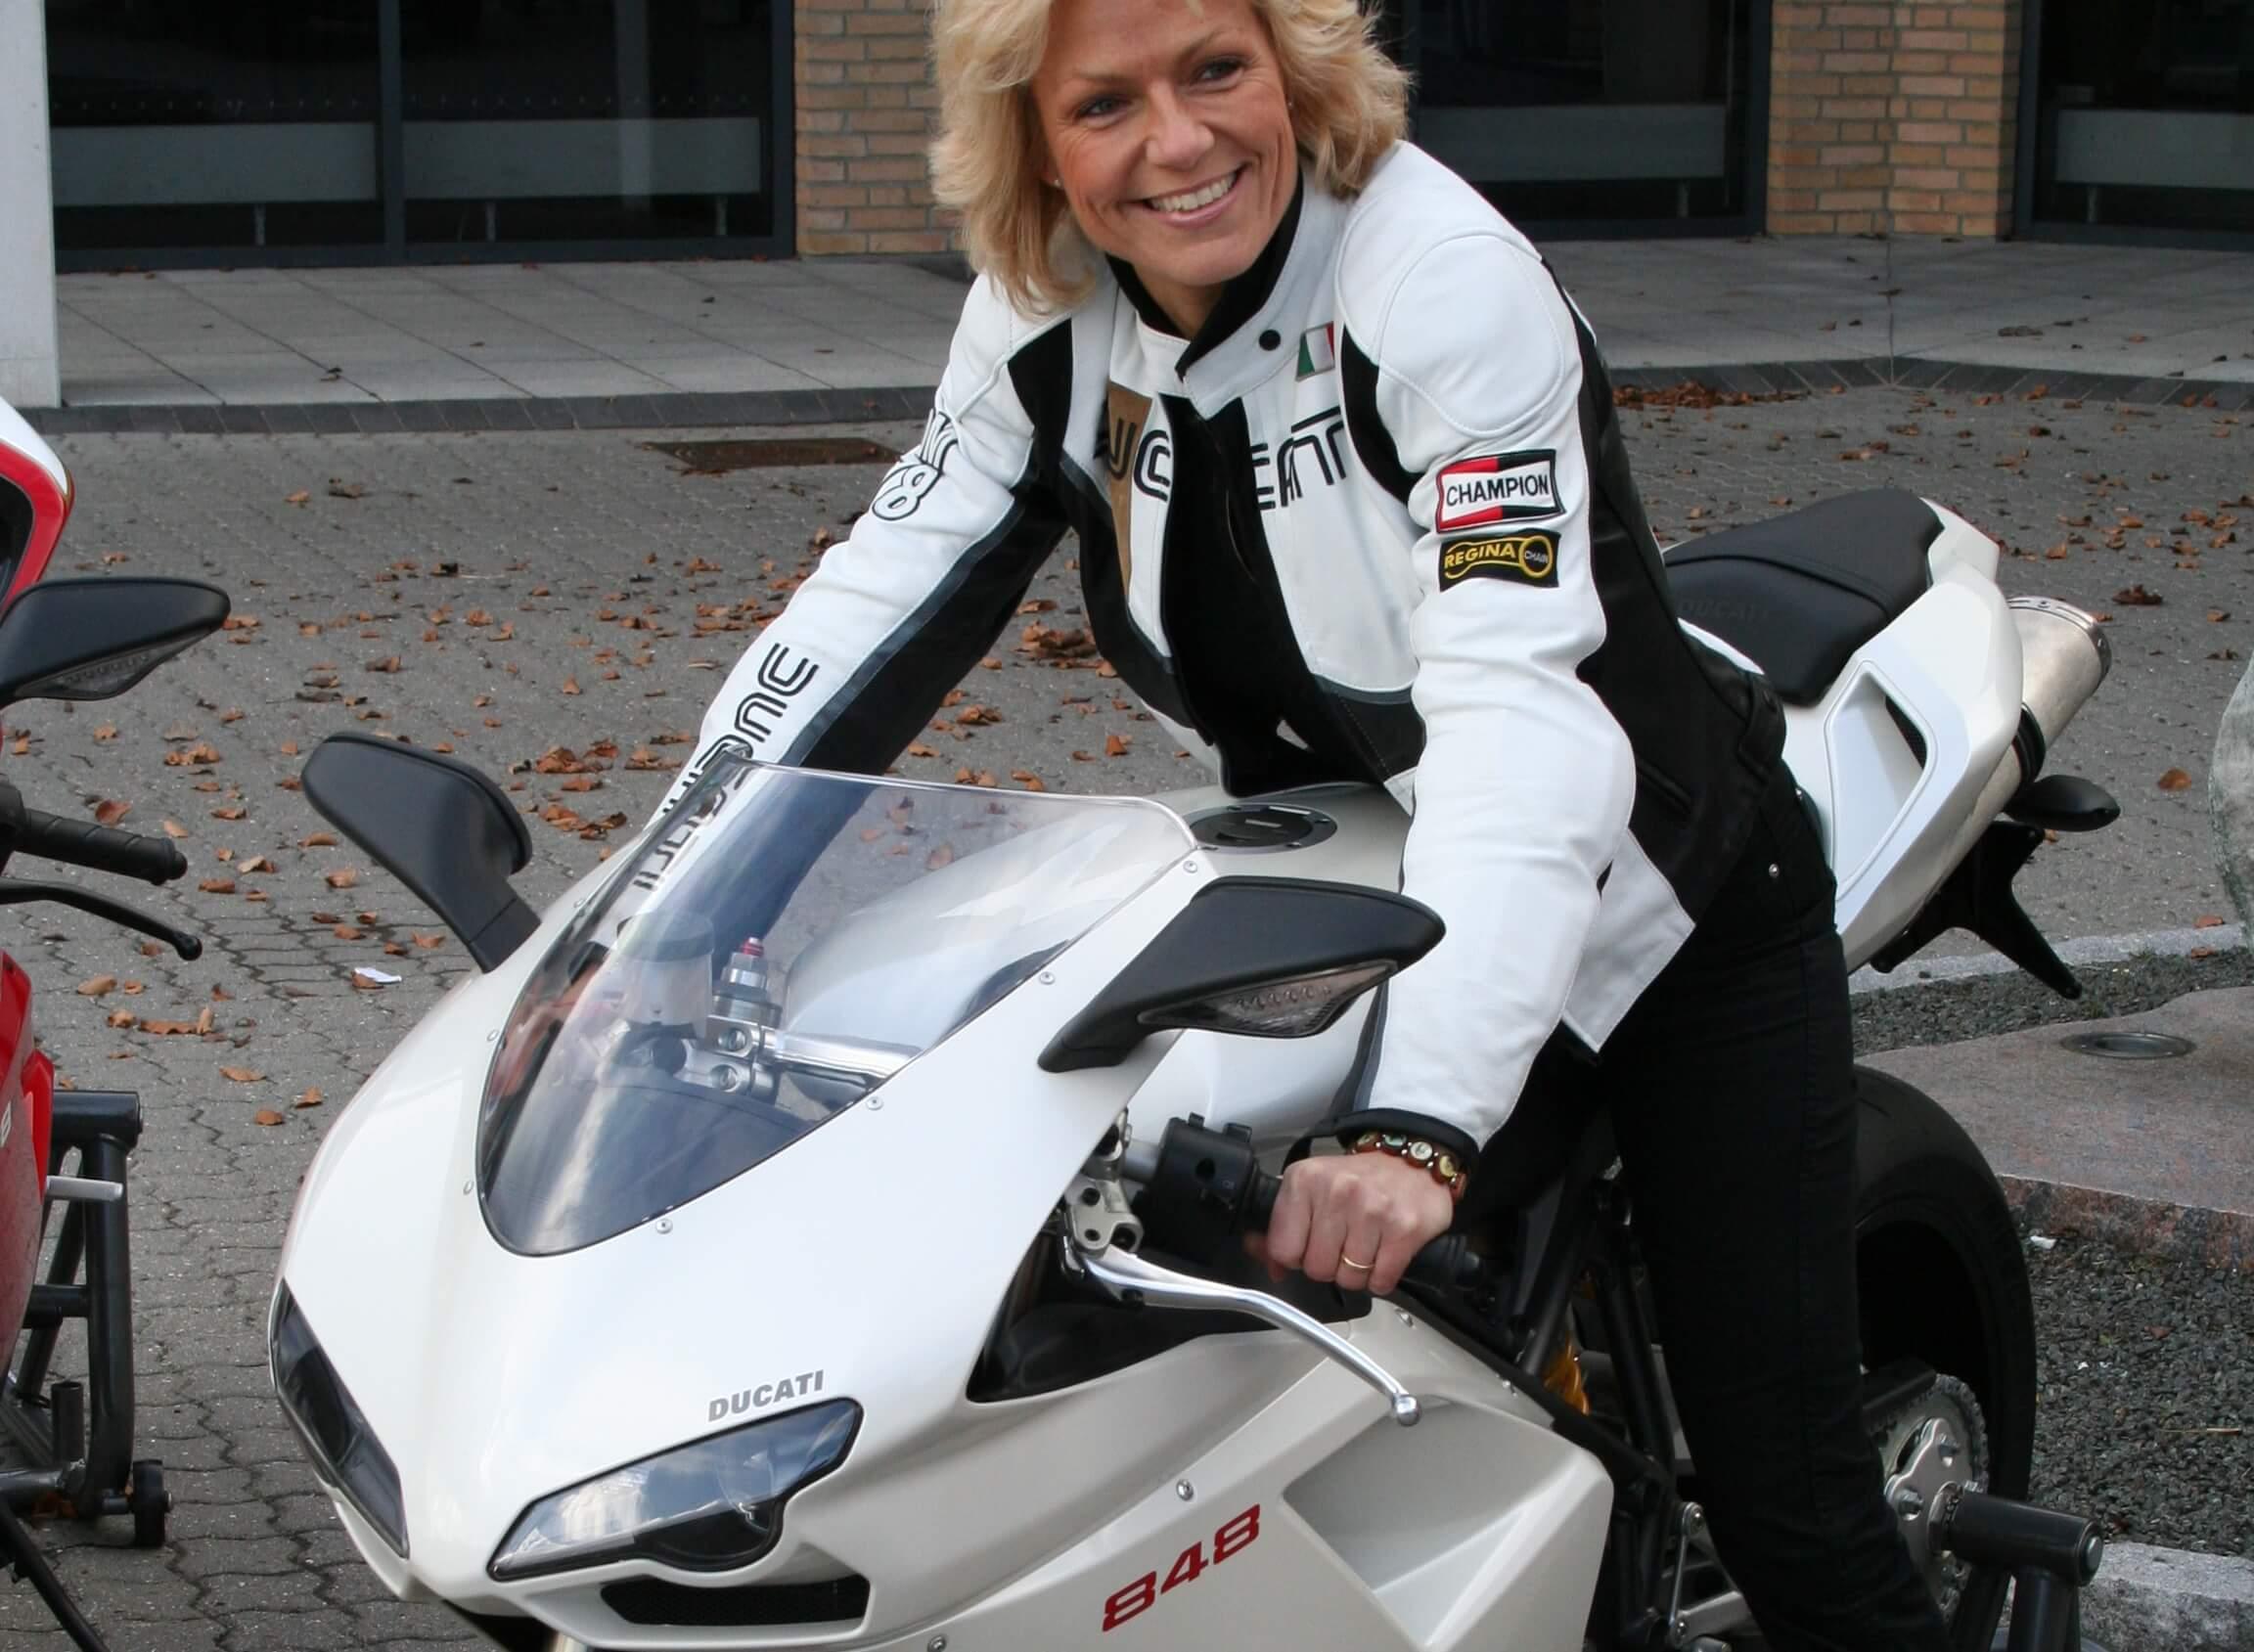 Gitte Sparsø ved Intuitiv Management på ducati motorcykel